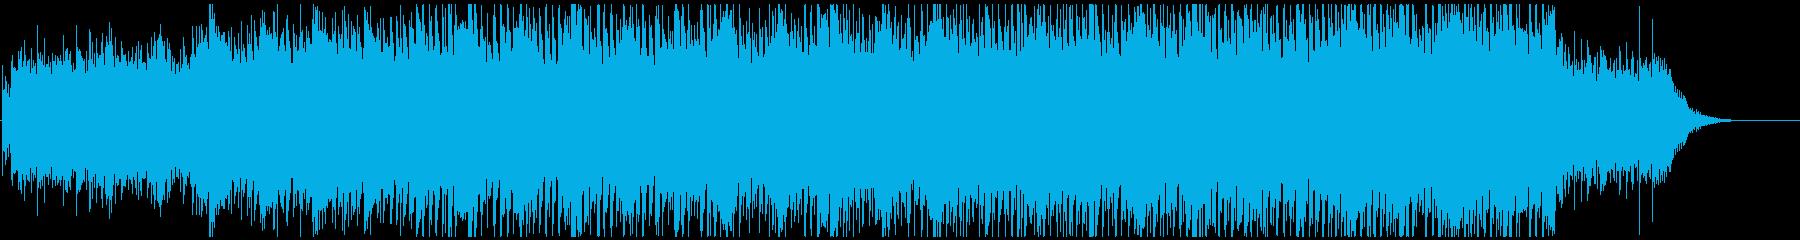 オープニングアクト盛り上げ ソフトロックの再生済みの波形